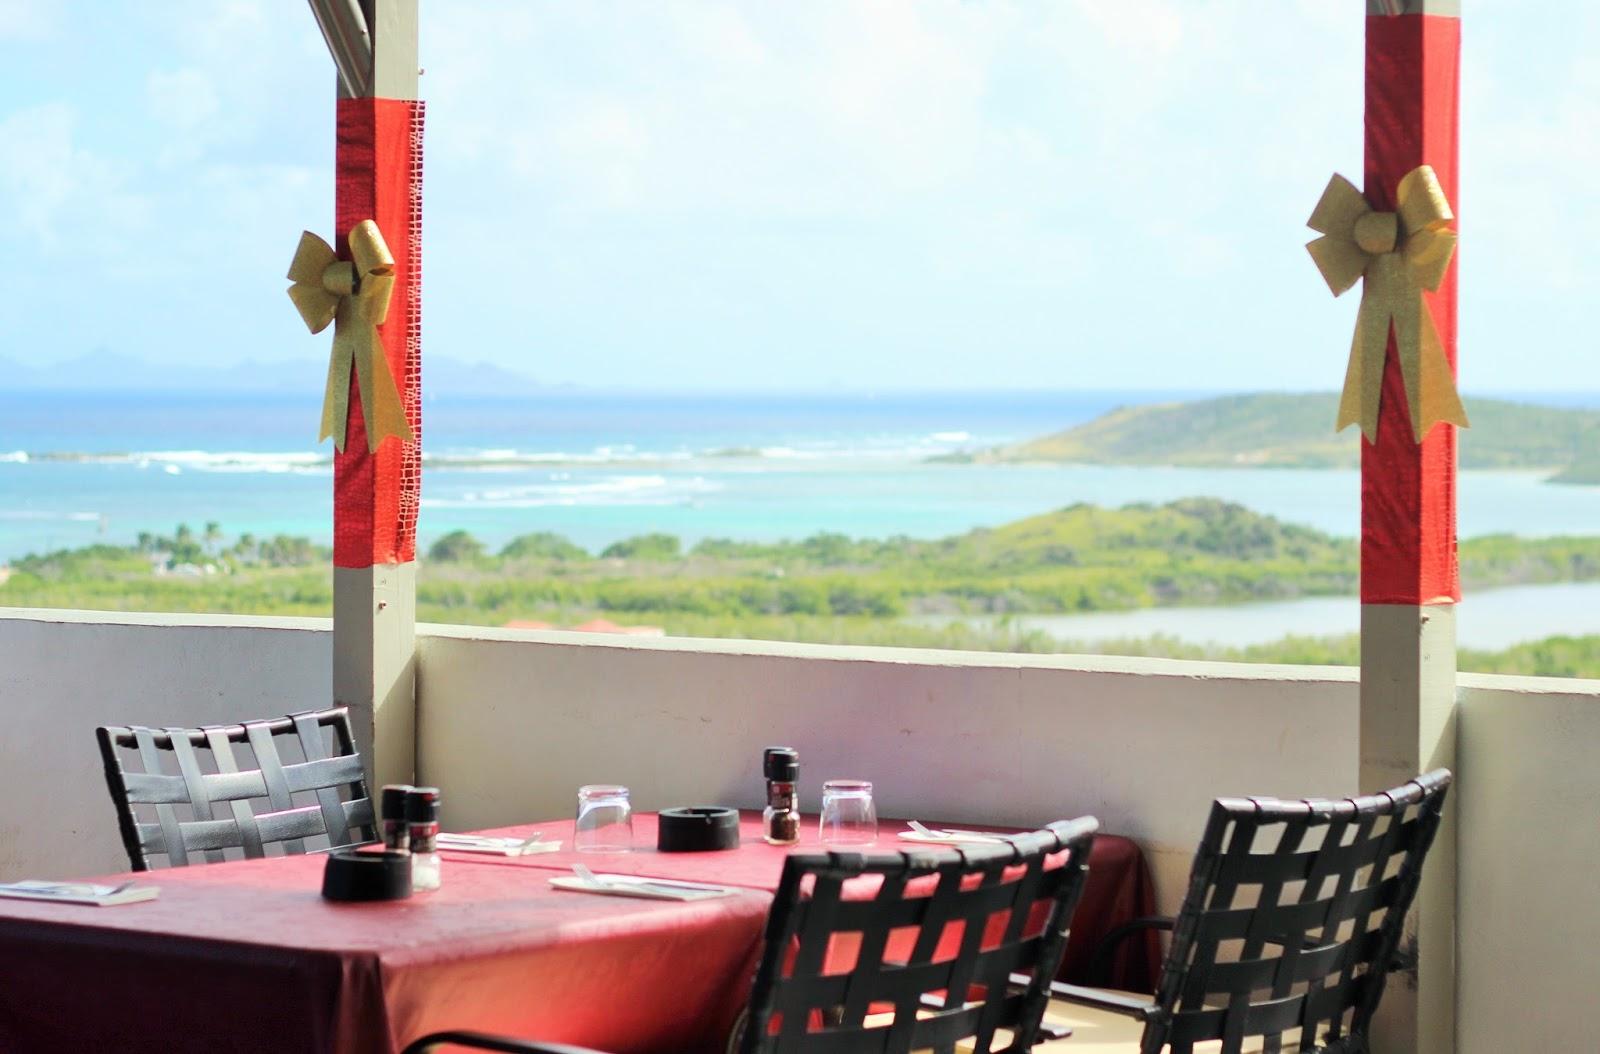 The Paradise View Restaurant in Sint Maarten